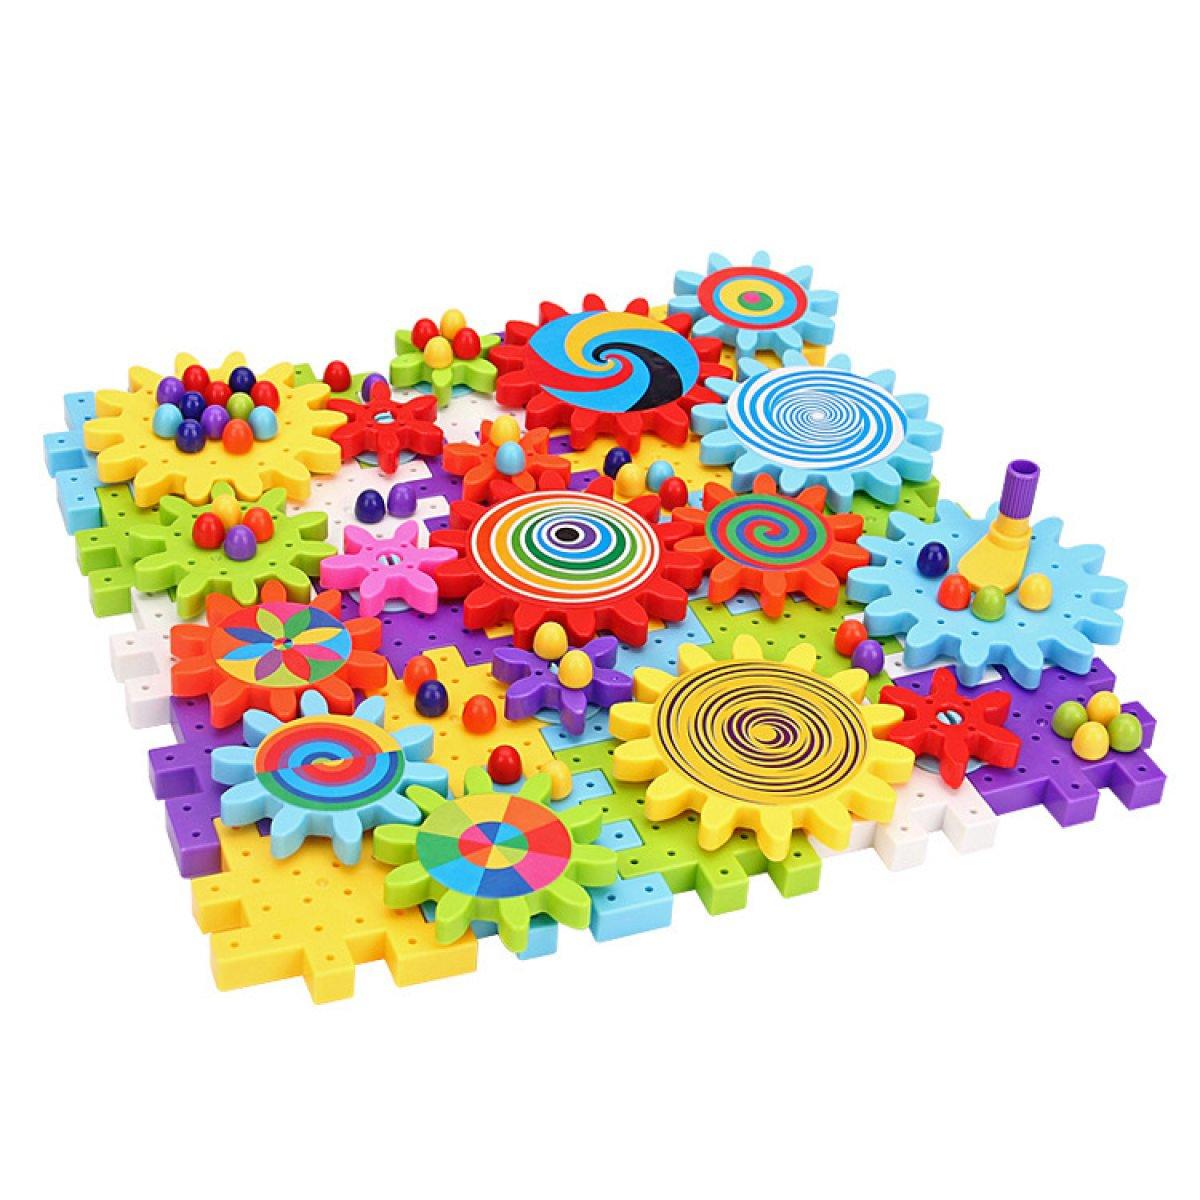 suministro directo de los fabricantes MEI Juguetes Para Niños Niños Niños Bloques Para Niños Puzzle Para Niños Partículas Grandes Engranaje Giratorio Bloques De Construcción Ensamblados Juguetes Tamaño Del Producto: 15 Pulgadas  12.4 Pulgadas  2.8 Pulgadas  más vendido